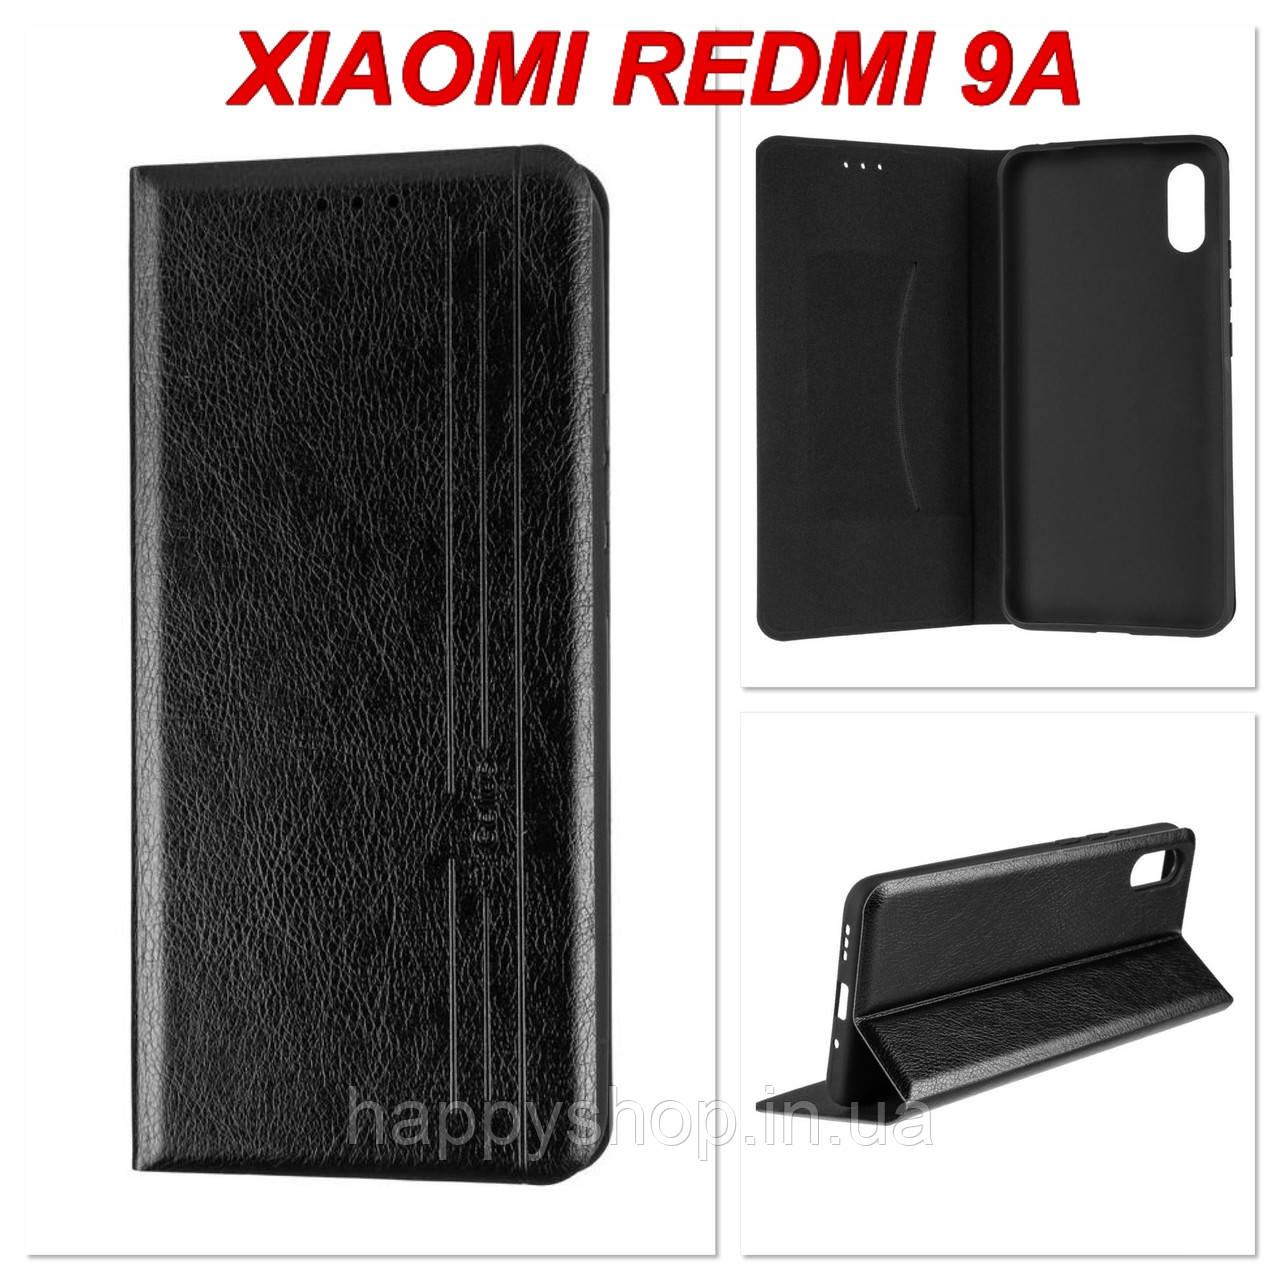 Чехол-книжка Gelius Leather New для Xiaomi Redmi 9A (Черный)